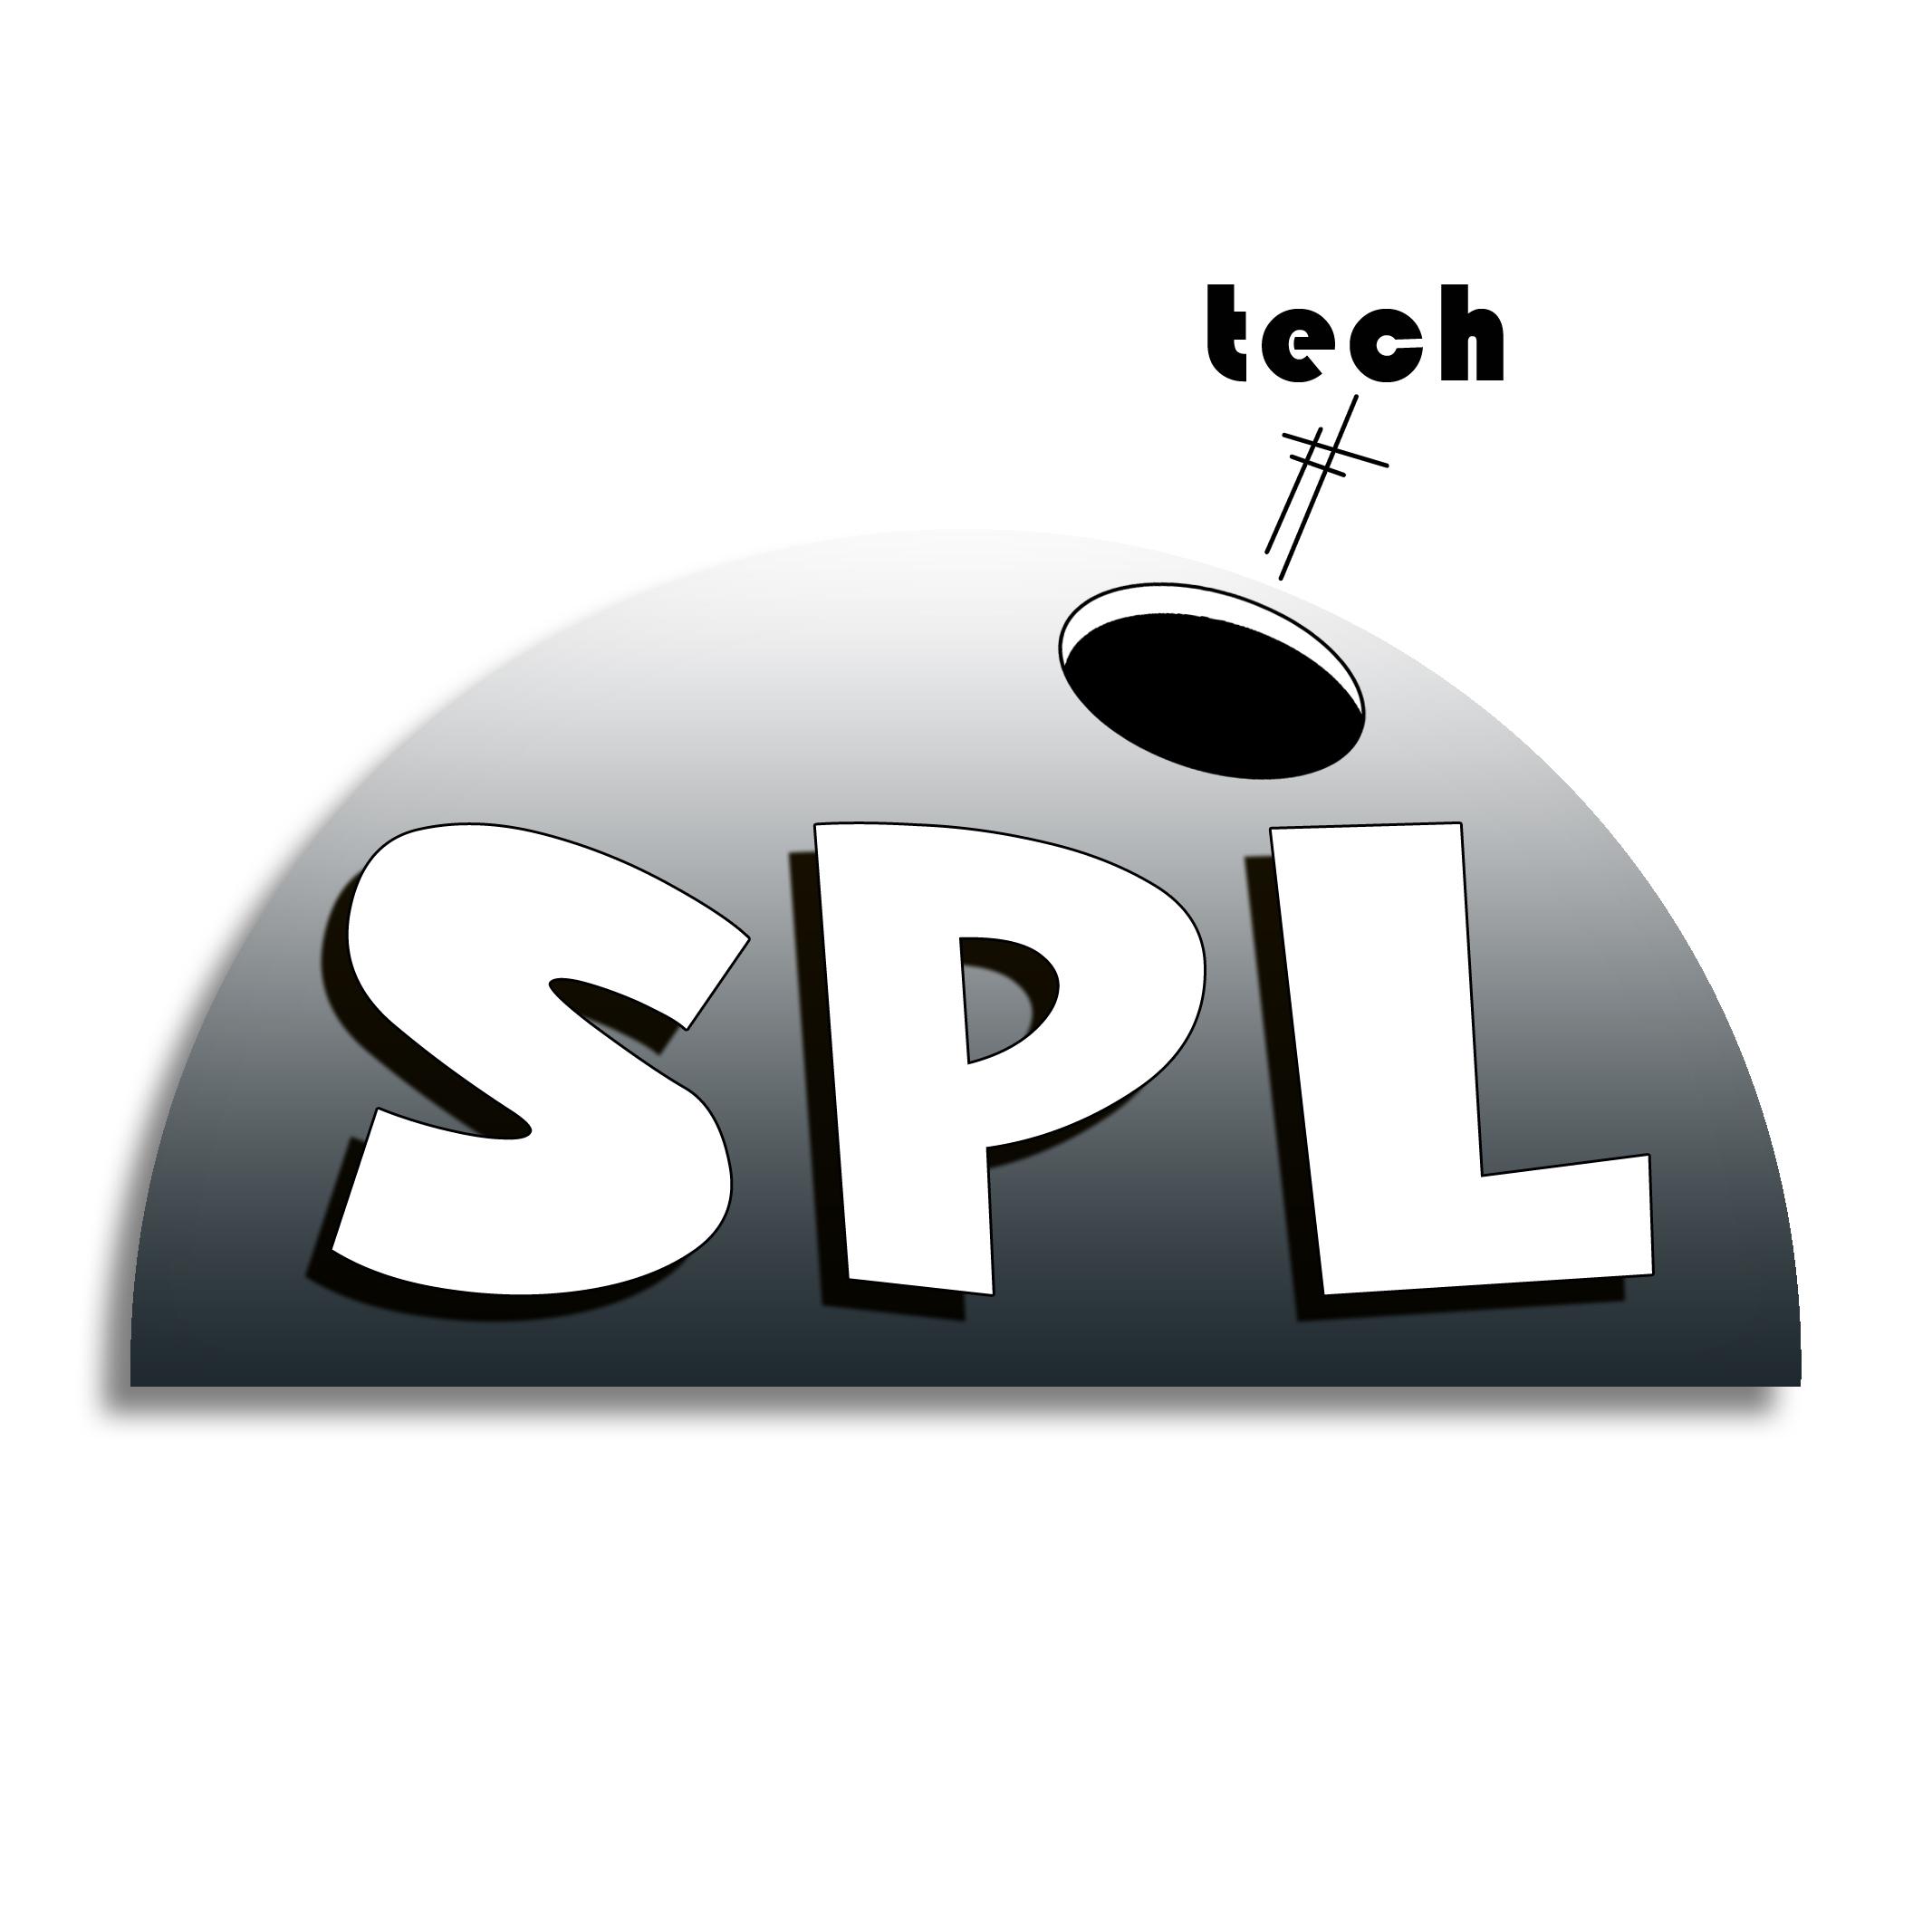 Разработка логотипа и фирменного стиля фото f_96459b1201a5e621.jpg